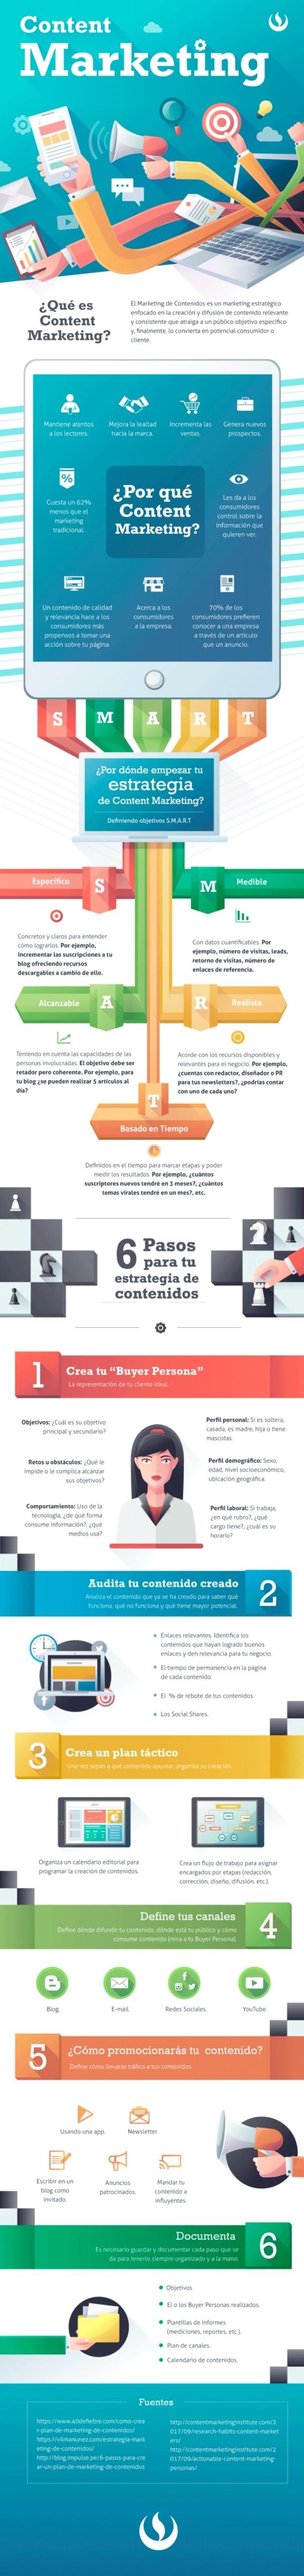 Infografía de cómo diseñar una estrategia de content marketing